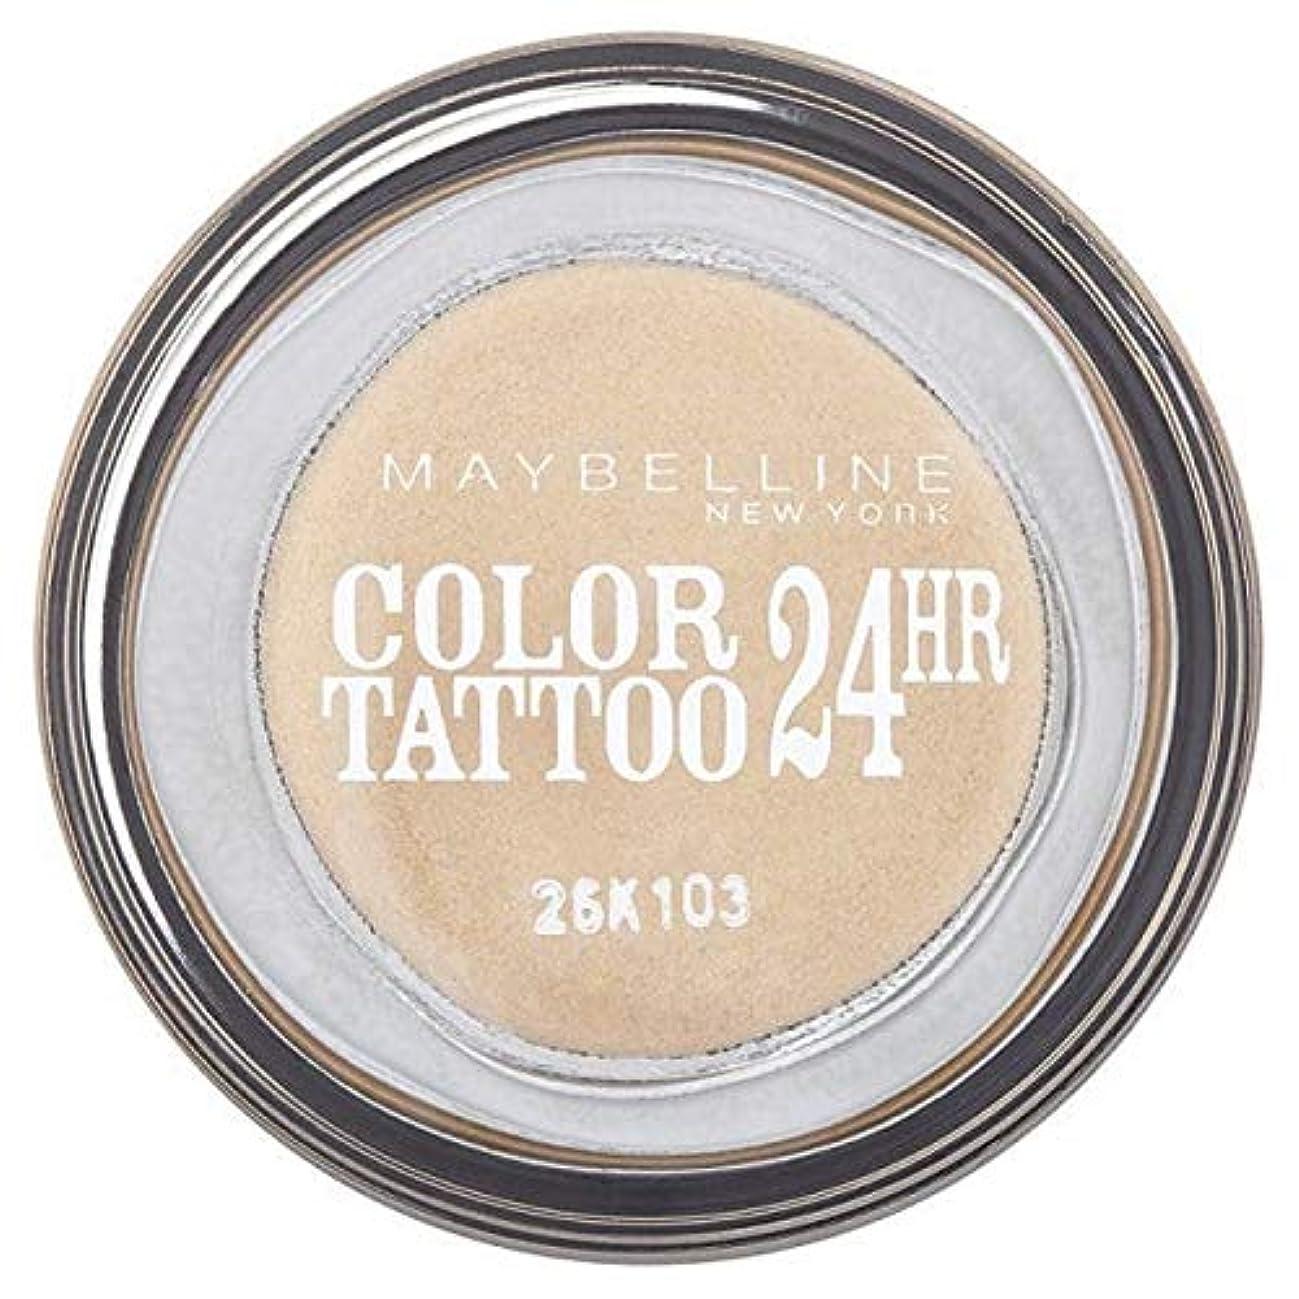 さまよう一見勝利した[Maybelline ] シングルアイシャドウ05金24時間メイベリンカラータトゥー - Maybelline Color Tattoo 24Hr Single Eyeshadow 05 Gold [並行輸入品]